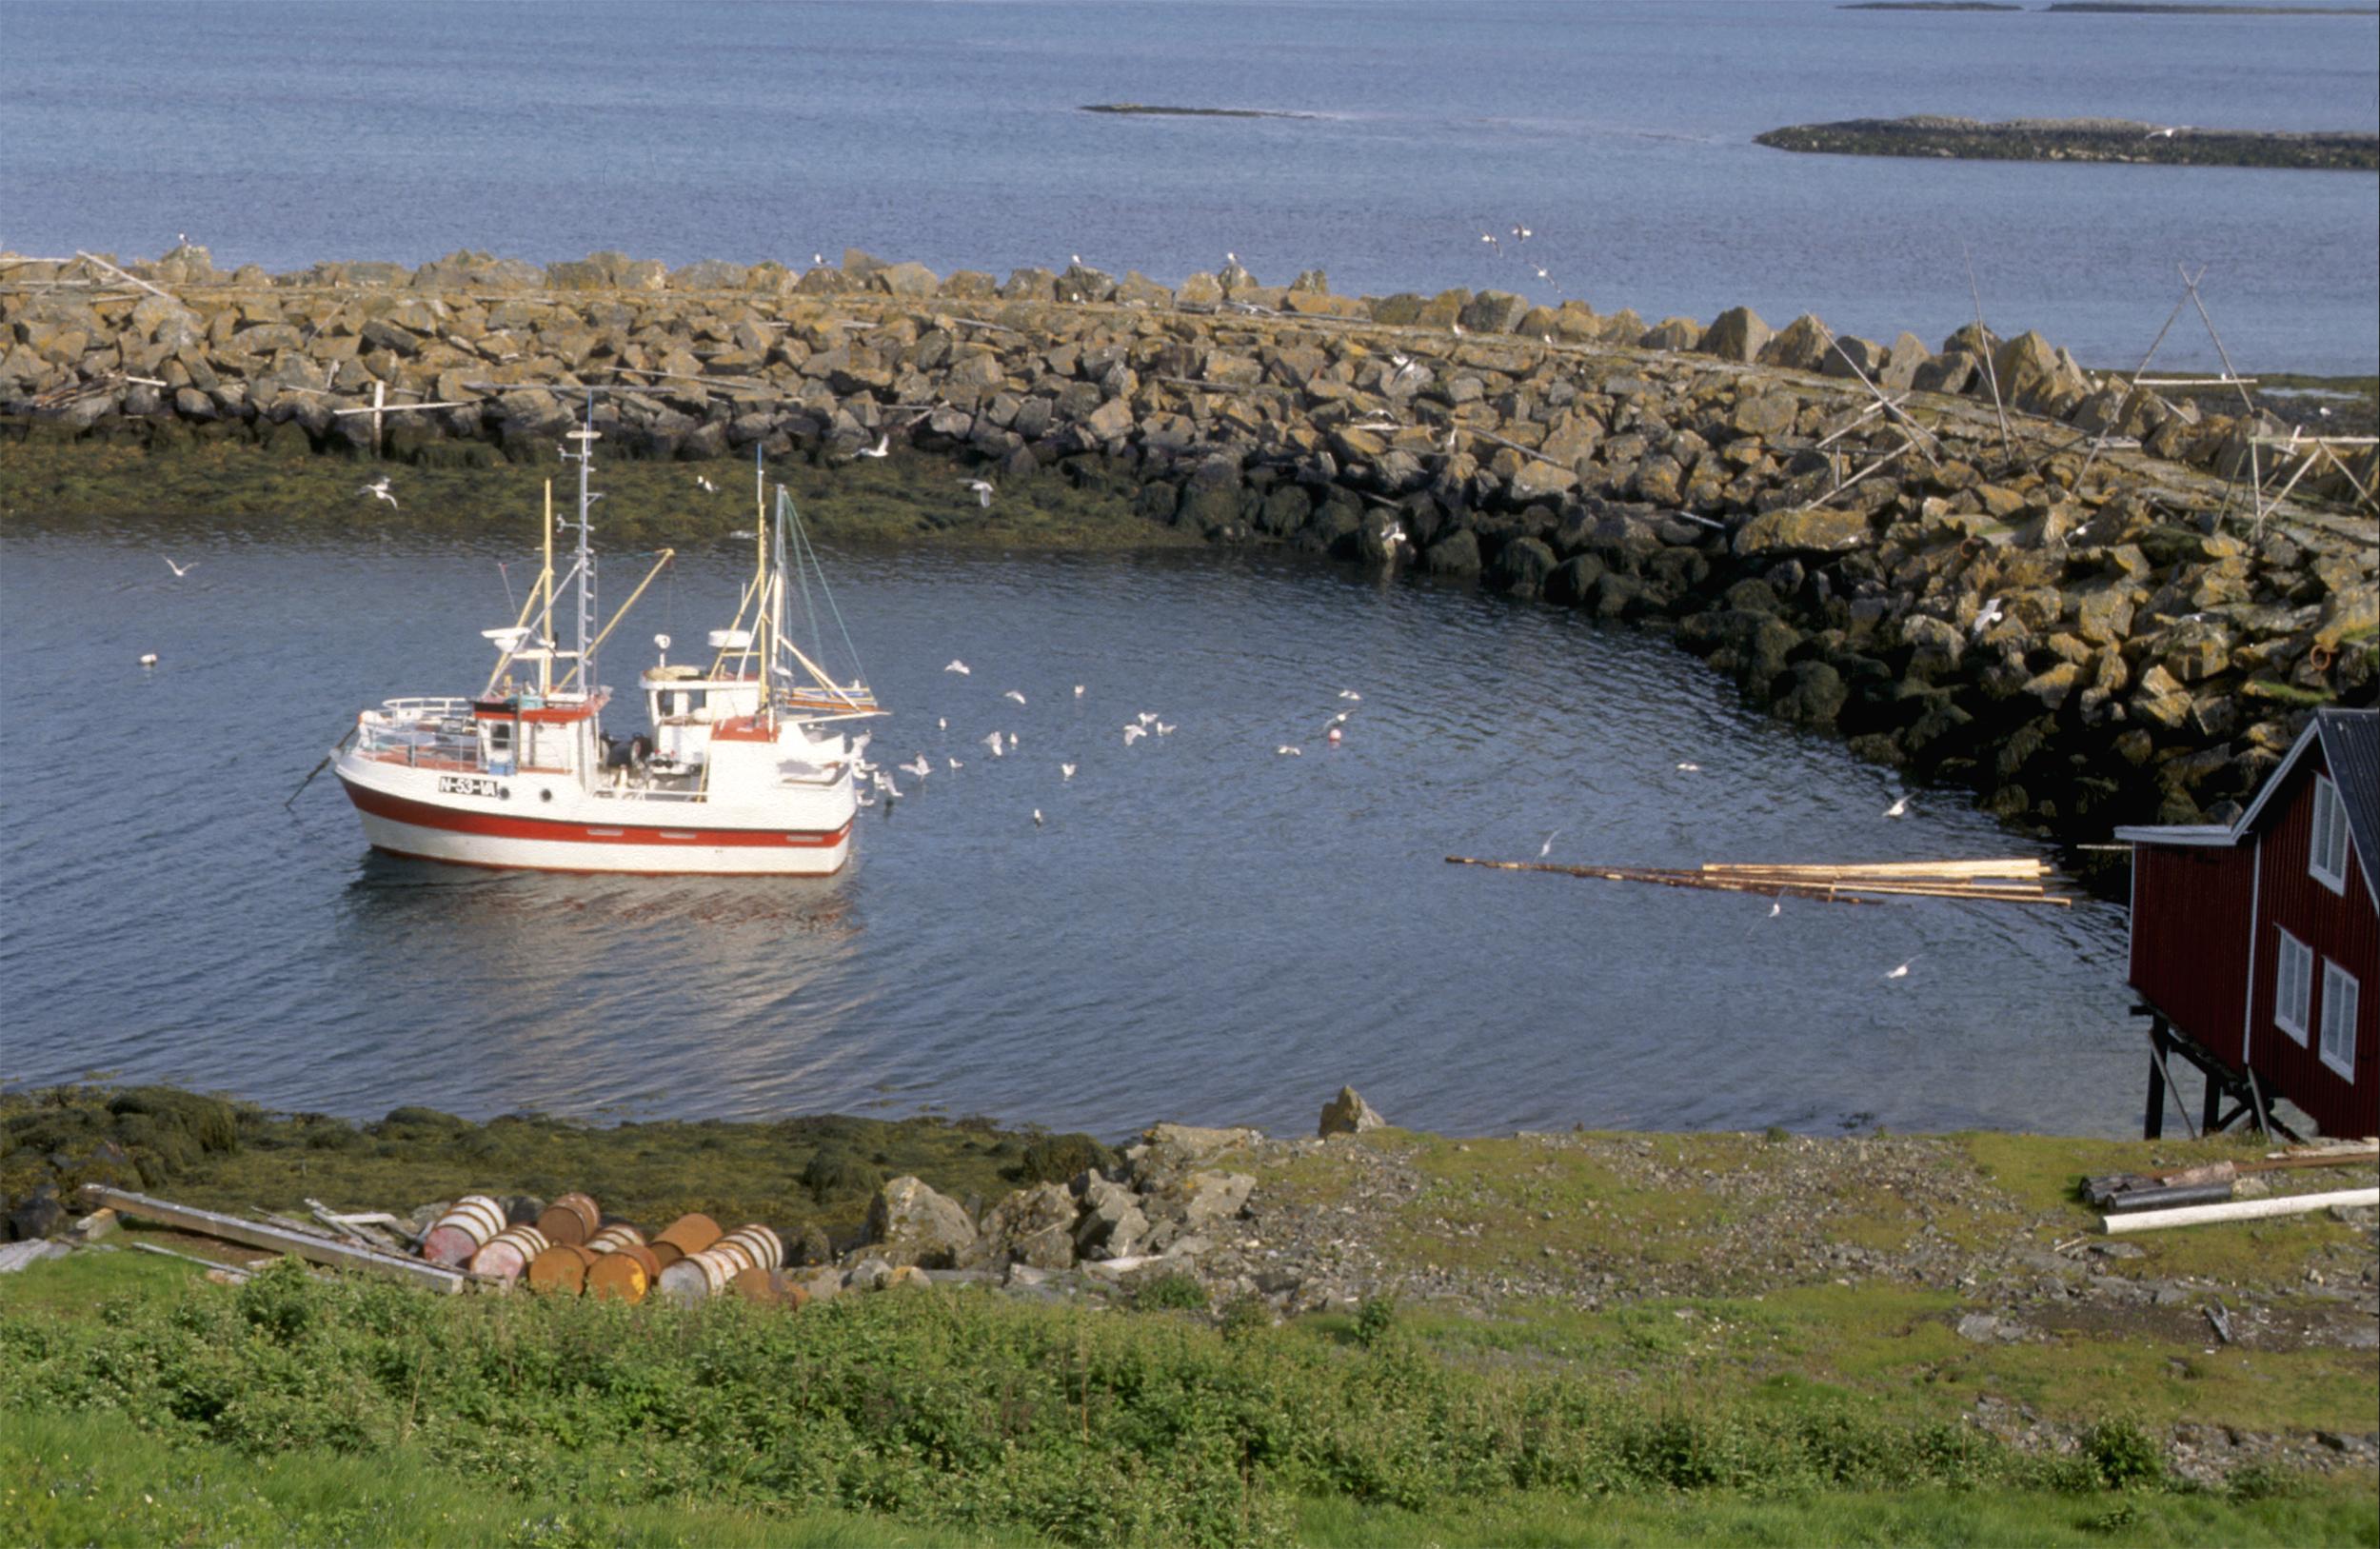 Bilde av Skjærvær fiskerihavn i Vega i Nordland. Moloene ble bygget for å gi gode havneforhold for motorskøytene. Foto: Riksantikvaren